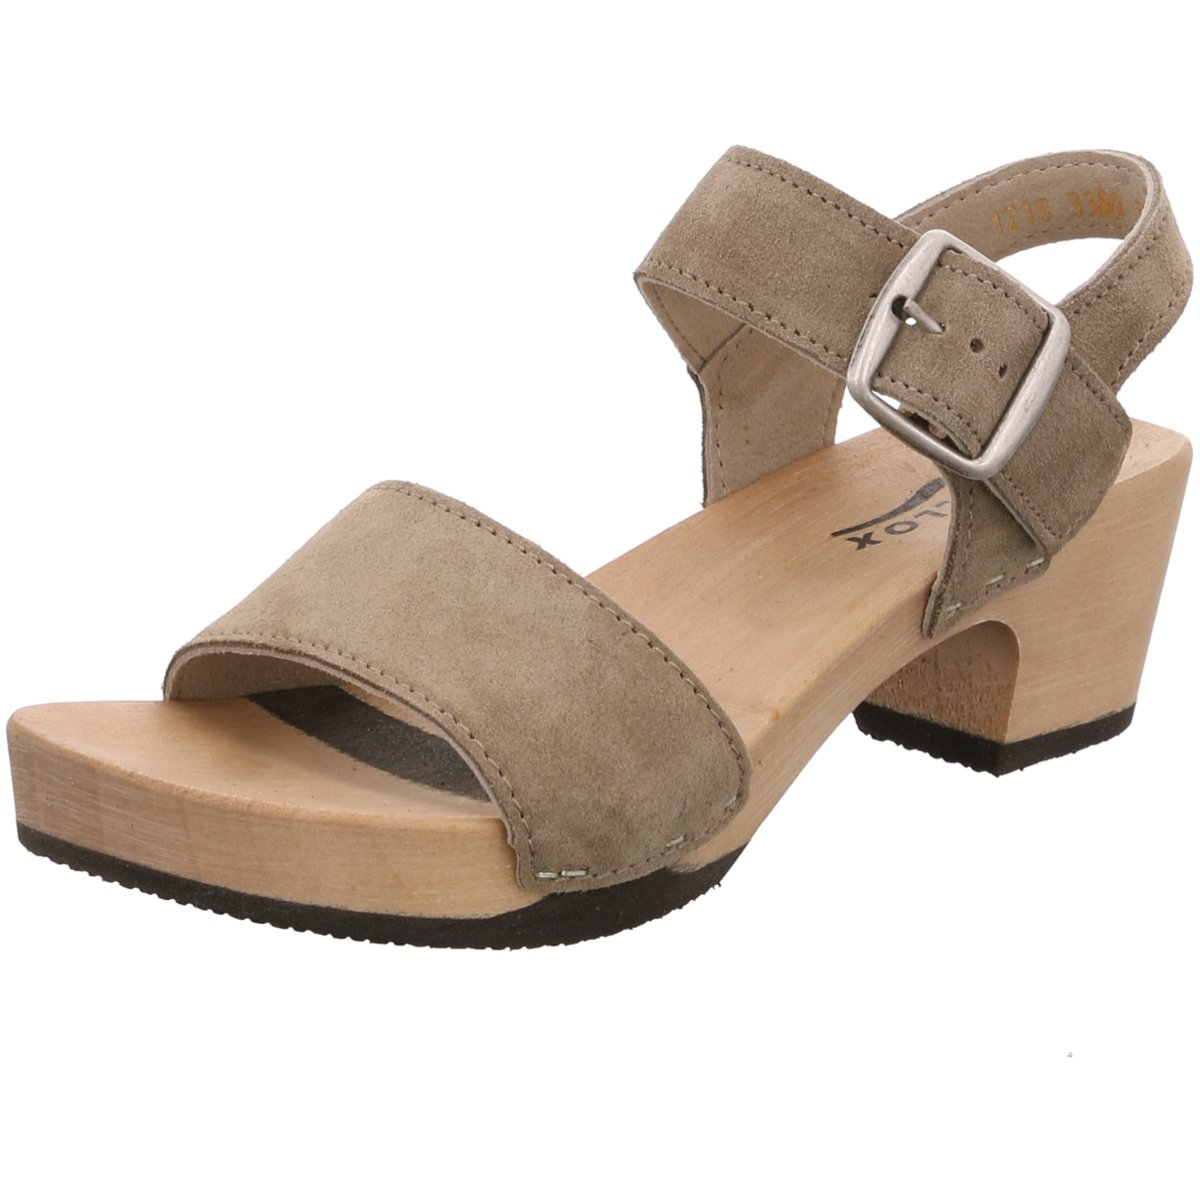 Damen Sandaletten S338008 Grün 261740Ebay Olive Kea Softclox rdCexoB